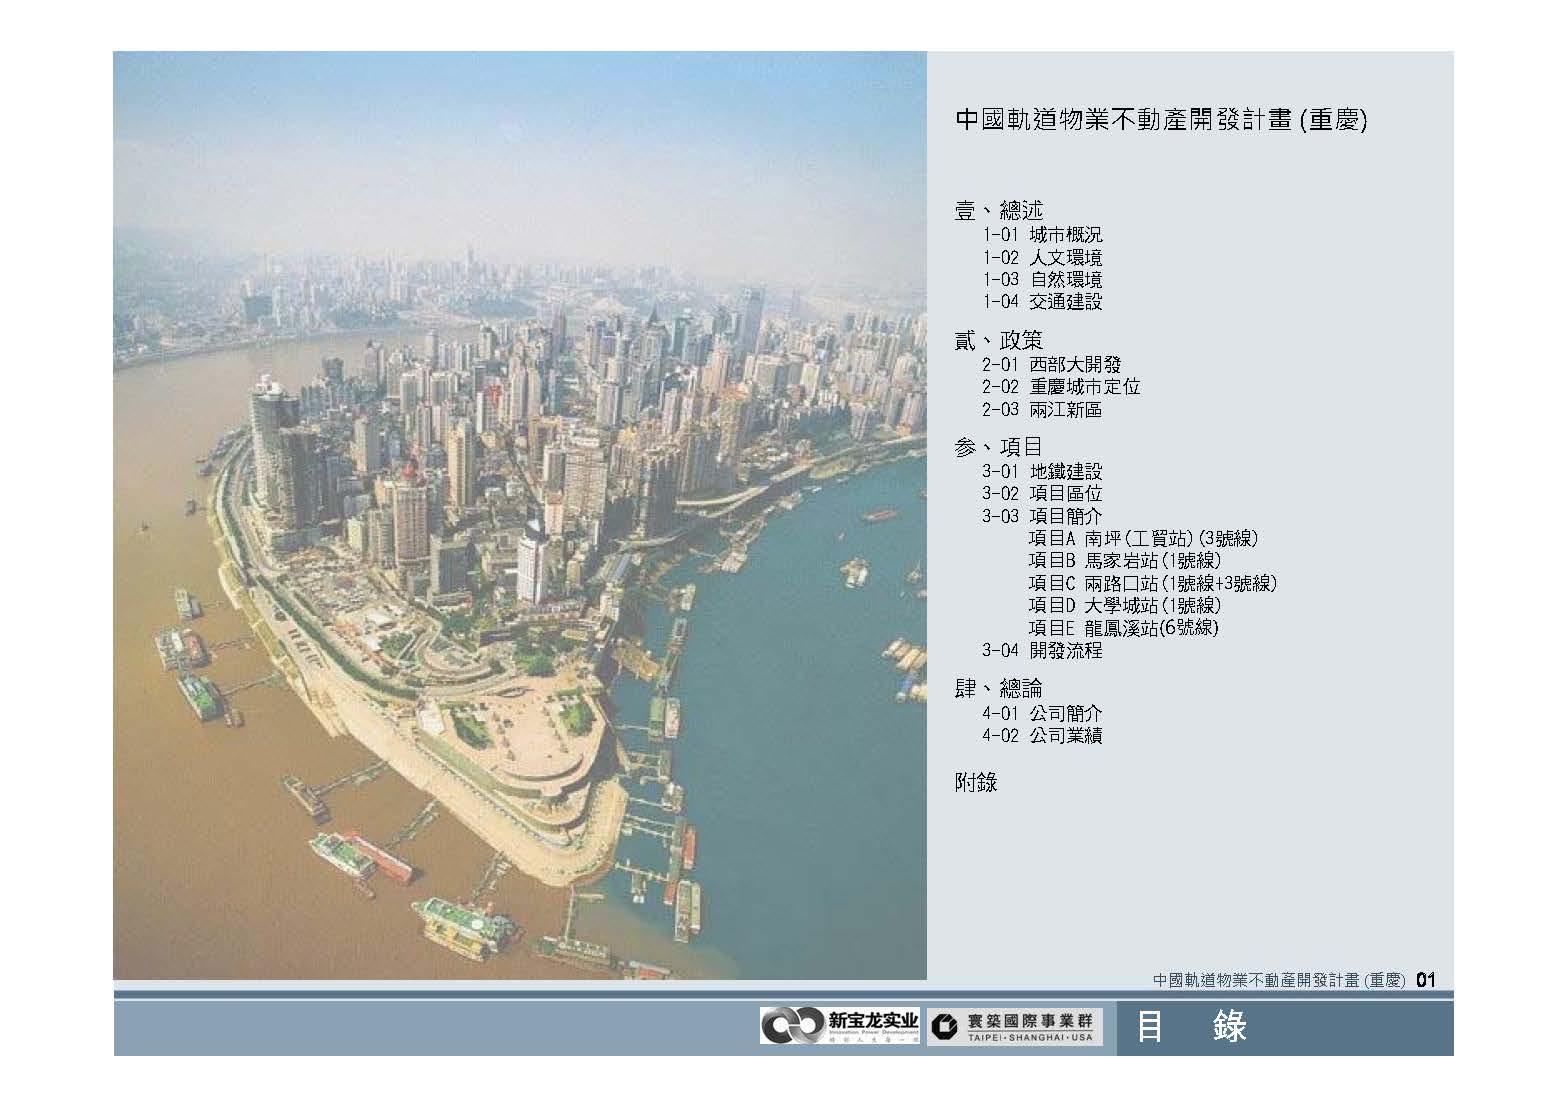 20100812-中國軌道物業不動產開發計畫(重慶)_頁面_02